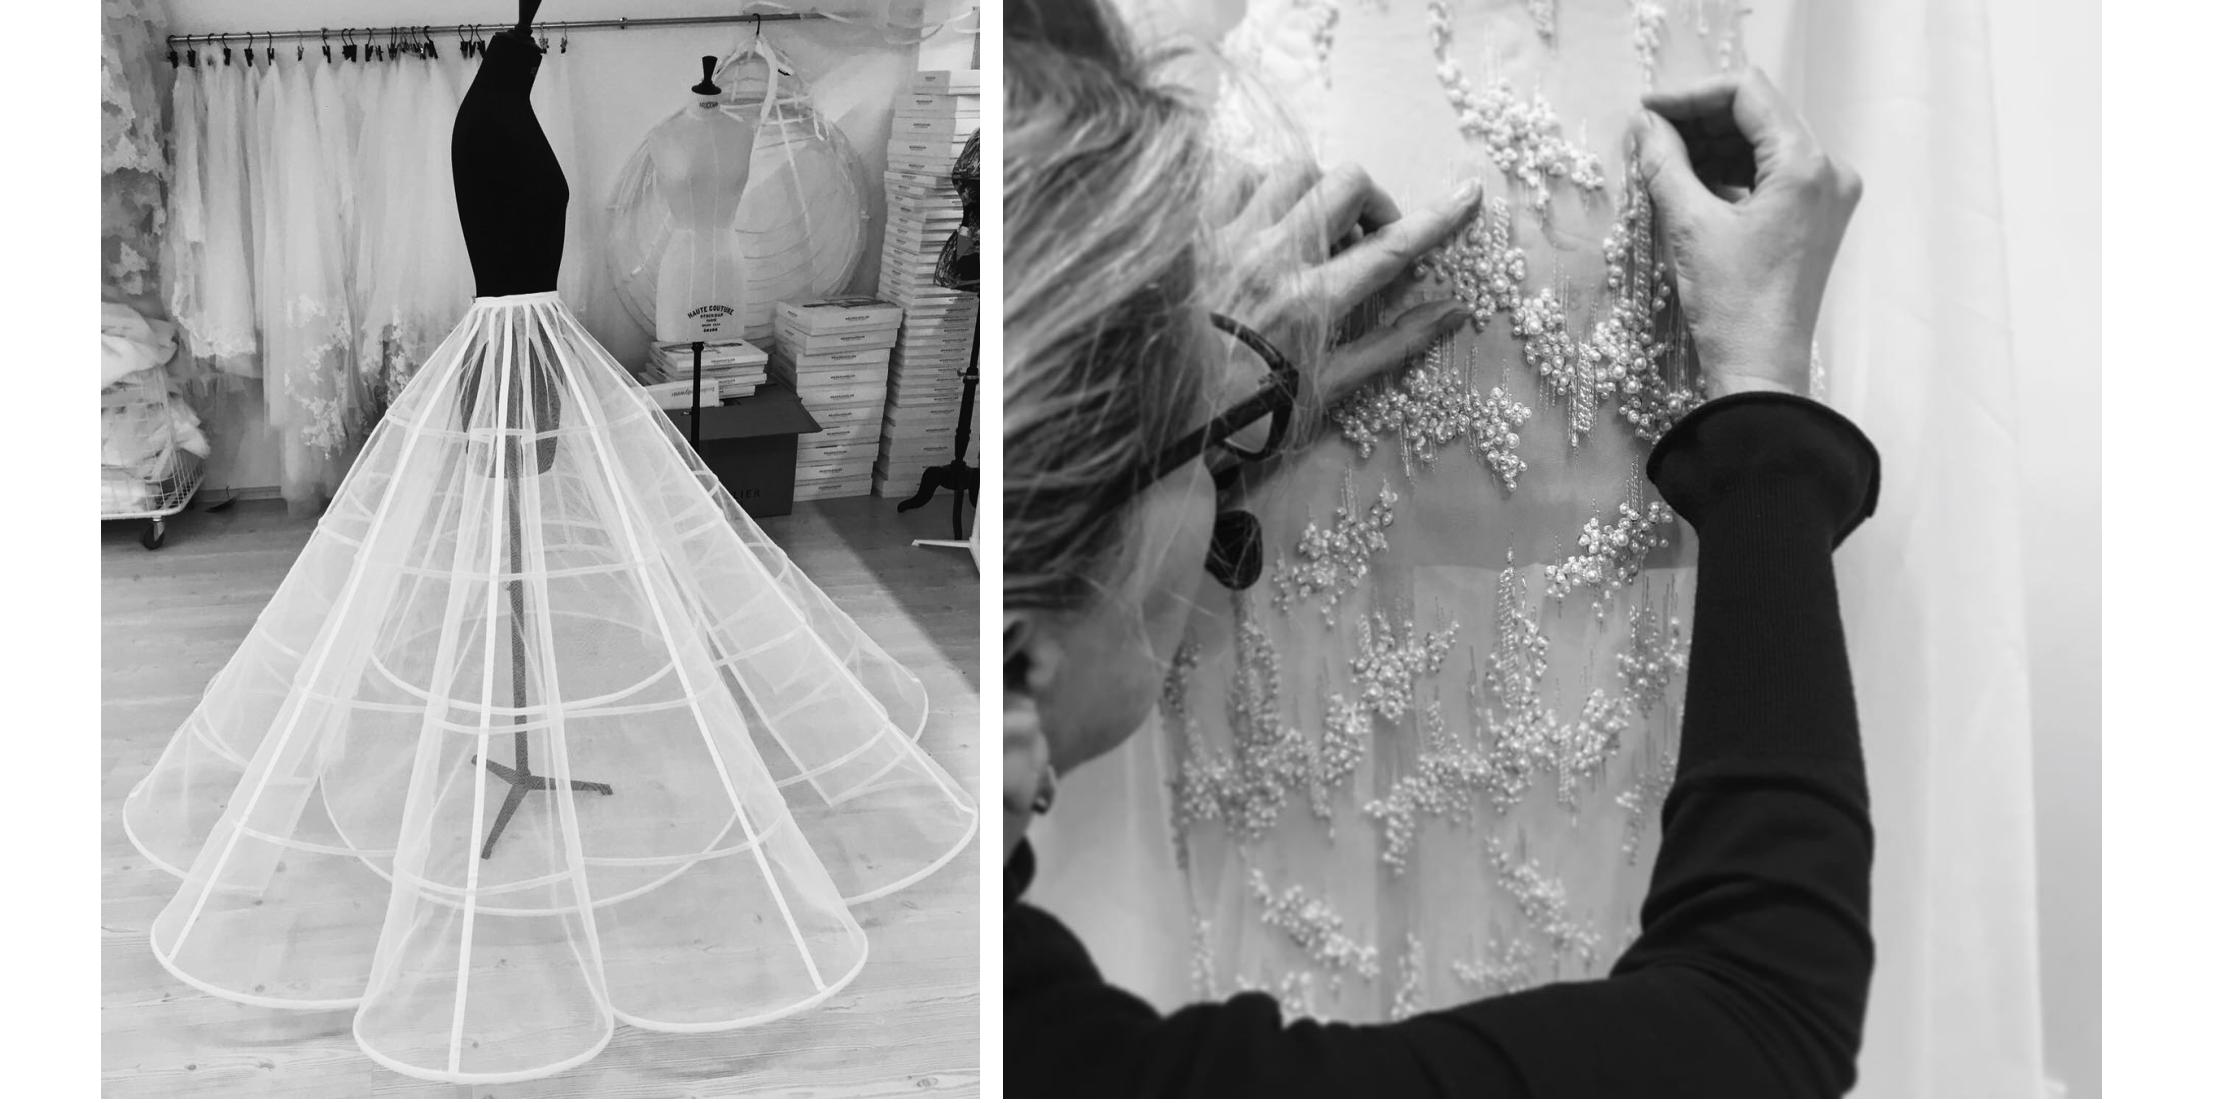 СВАДЕБНОЕ ПЛАТЬЕ - Индивидуальная разработка модели с нуля возможны любые изменения по Вашему вкусу и пожеланию.Дизайнер прорисует изначальный эскиз или разработает его с нуля из пожеланий невесты. Подбираем ткани и кружева. Вышивки премиум-класса создаются вручную под заказ клиента сроком от 1.5 месяцев.Мы не создаем одежду по стандартным шаблонам. С каждым клиентом мы работаем индивидуально, учитывая особенности фигуры, роста и пропорций.